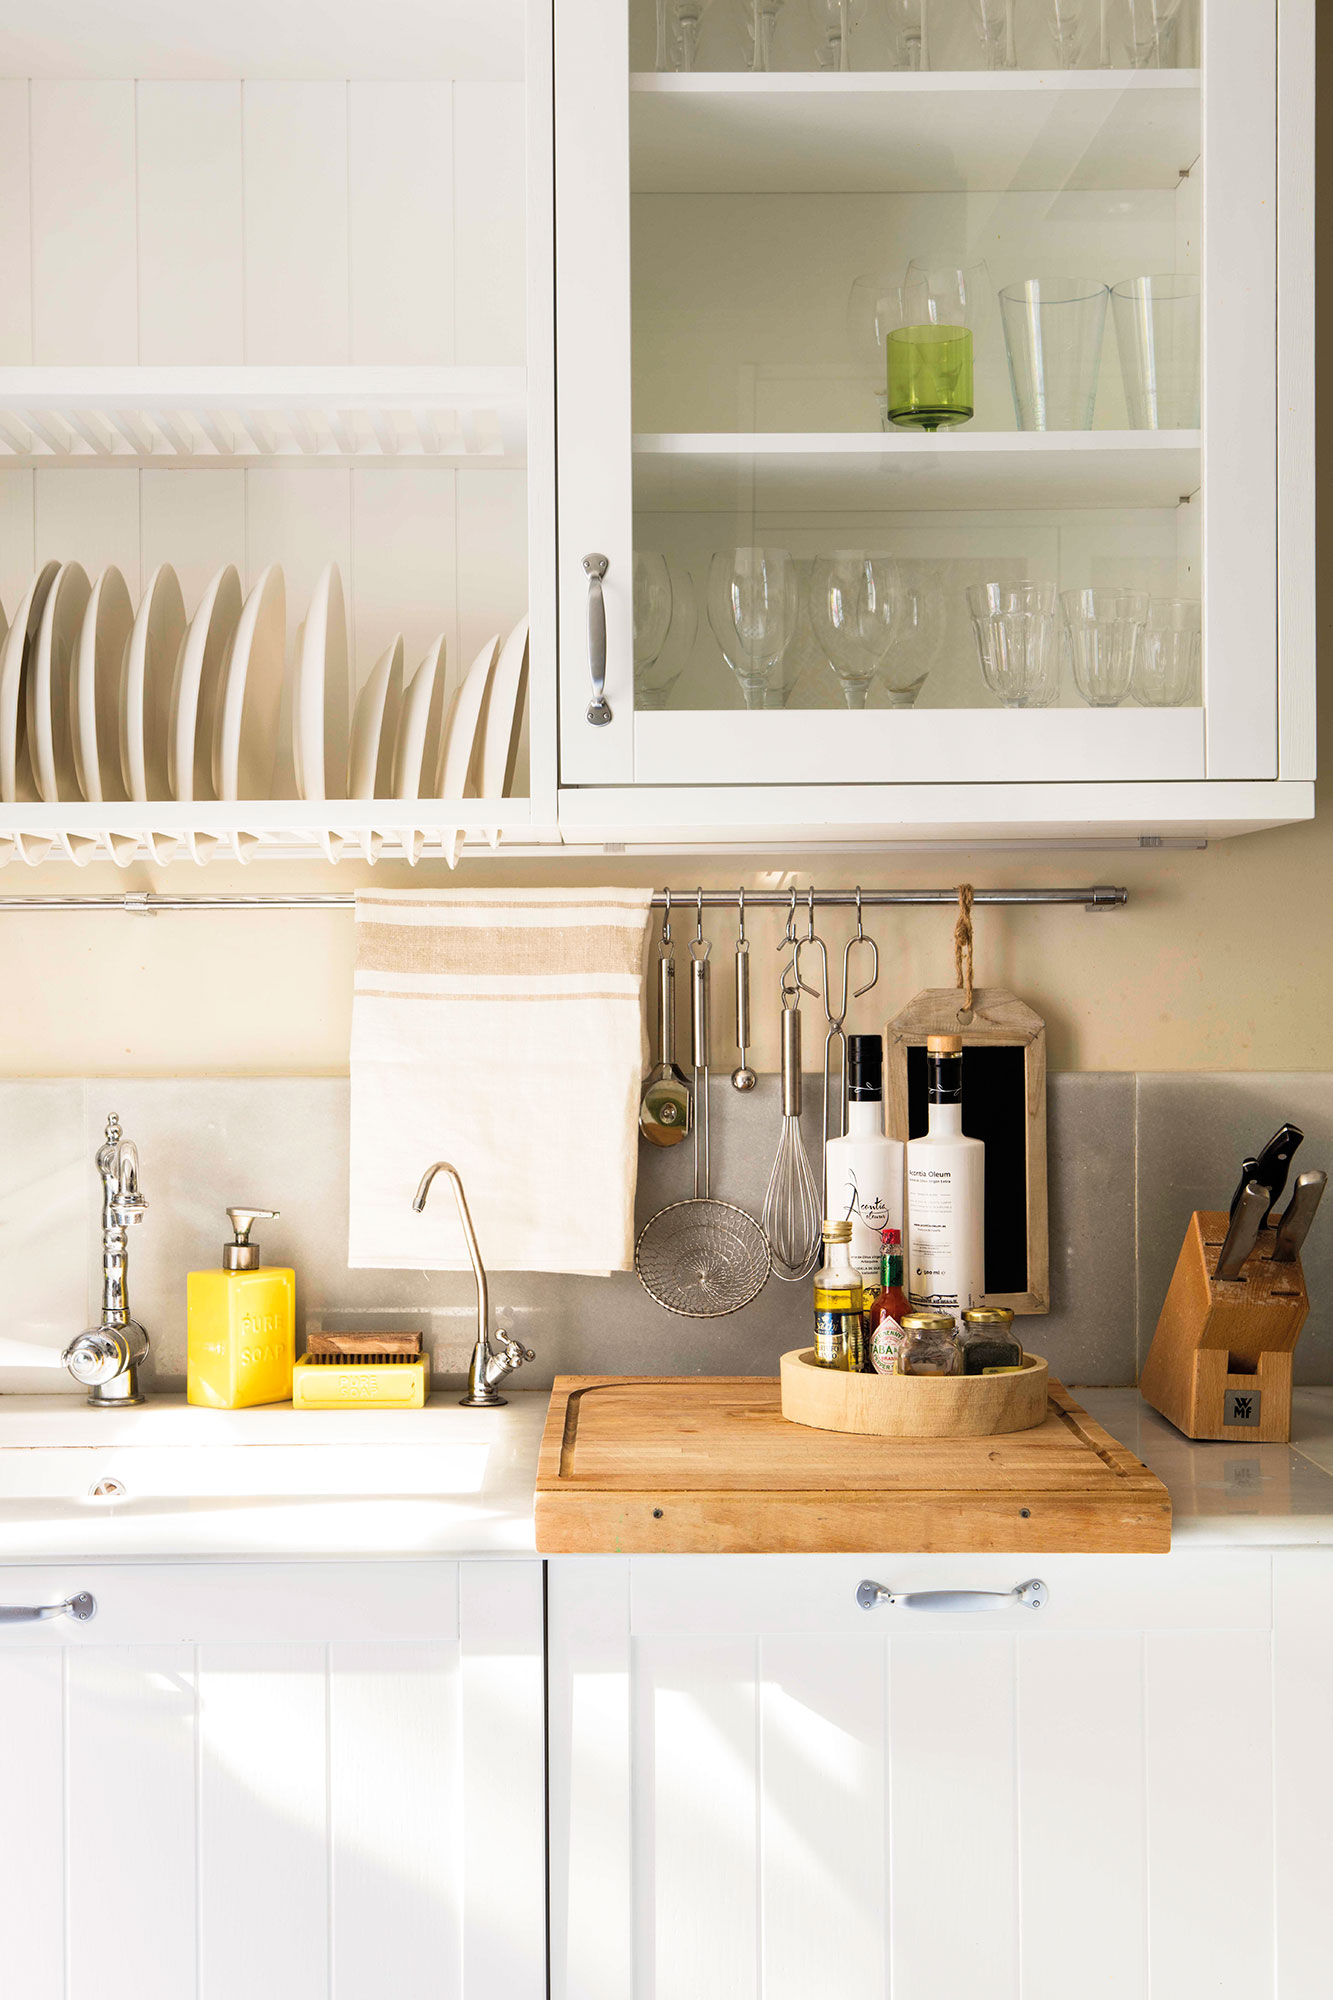 Como Hacer Un Mueble De Cocina Paso A Paso - Idea de Hacer